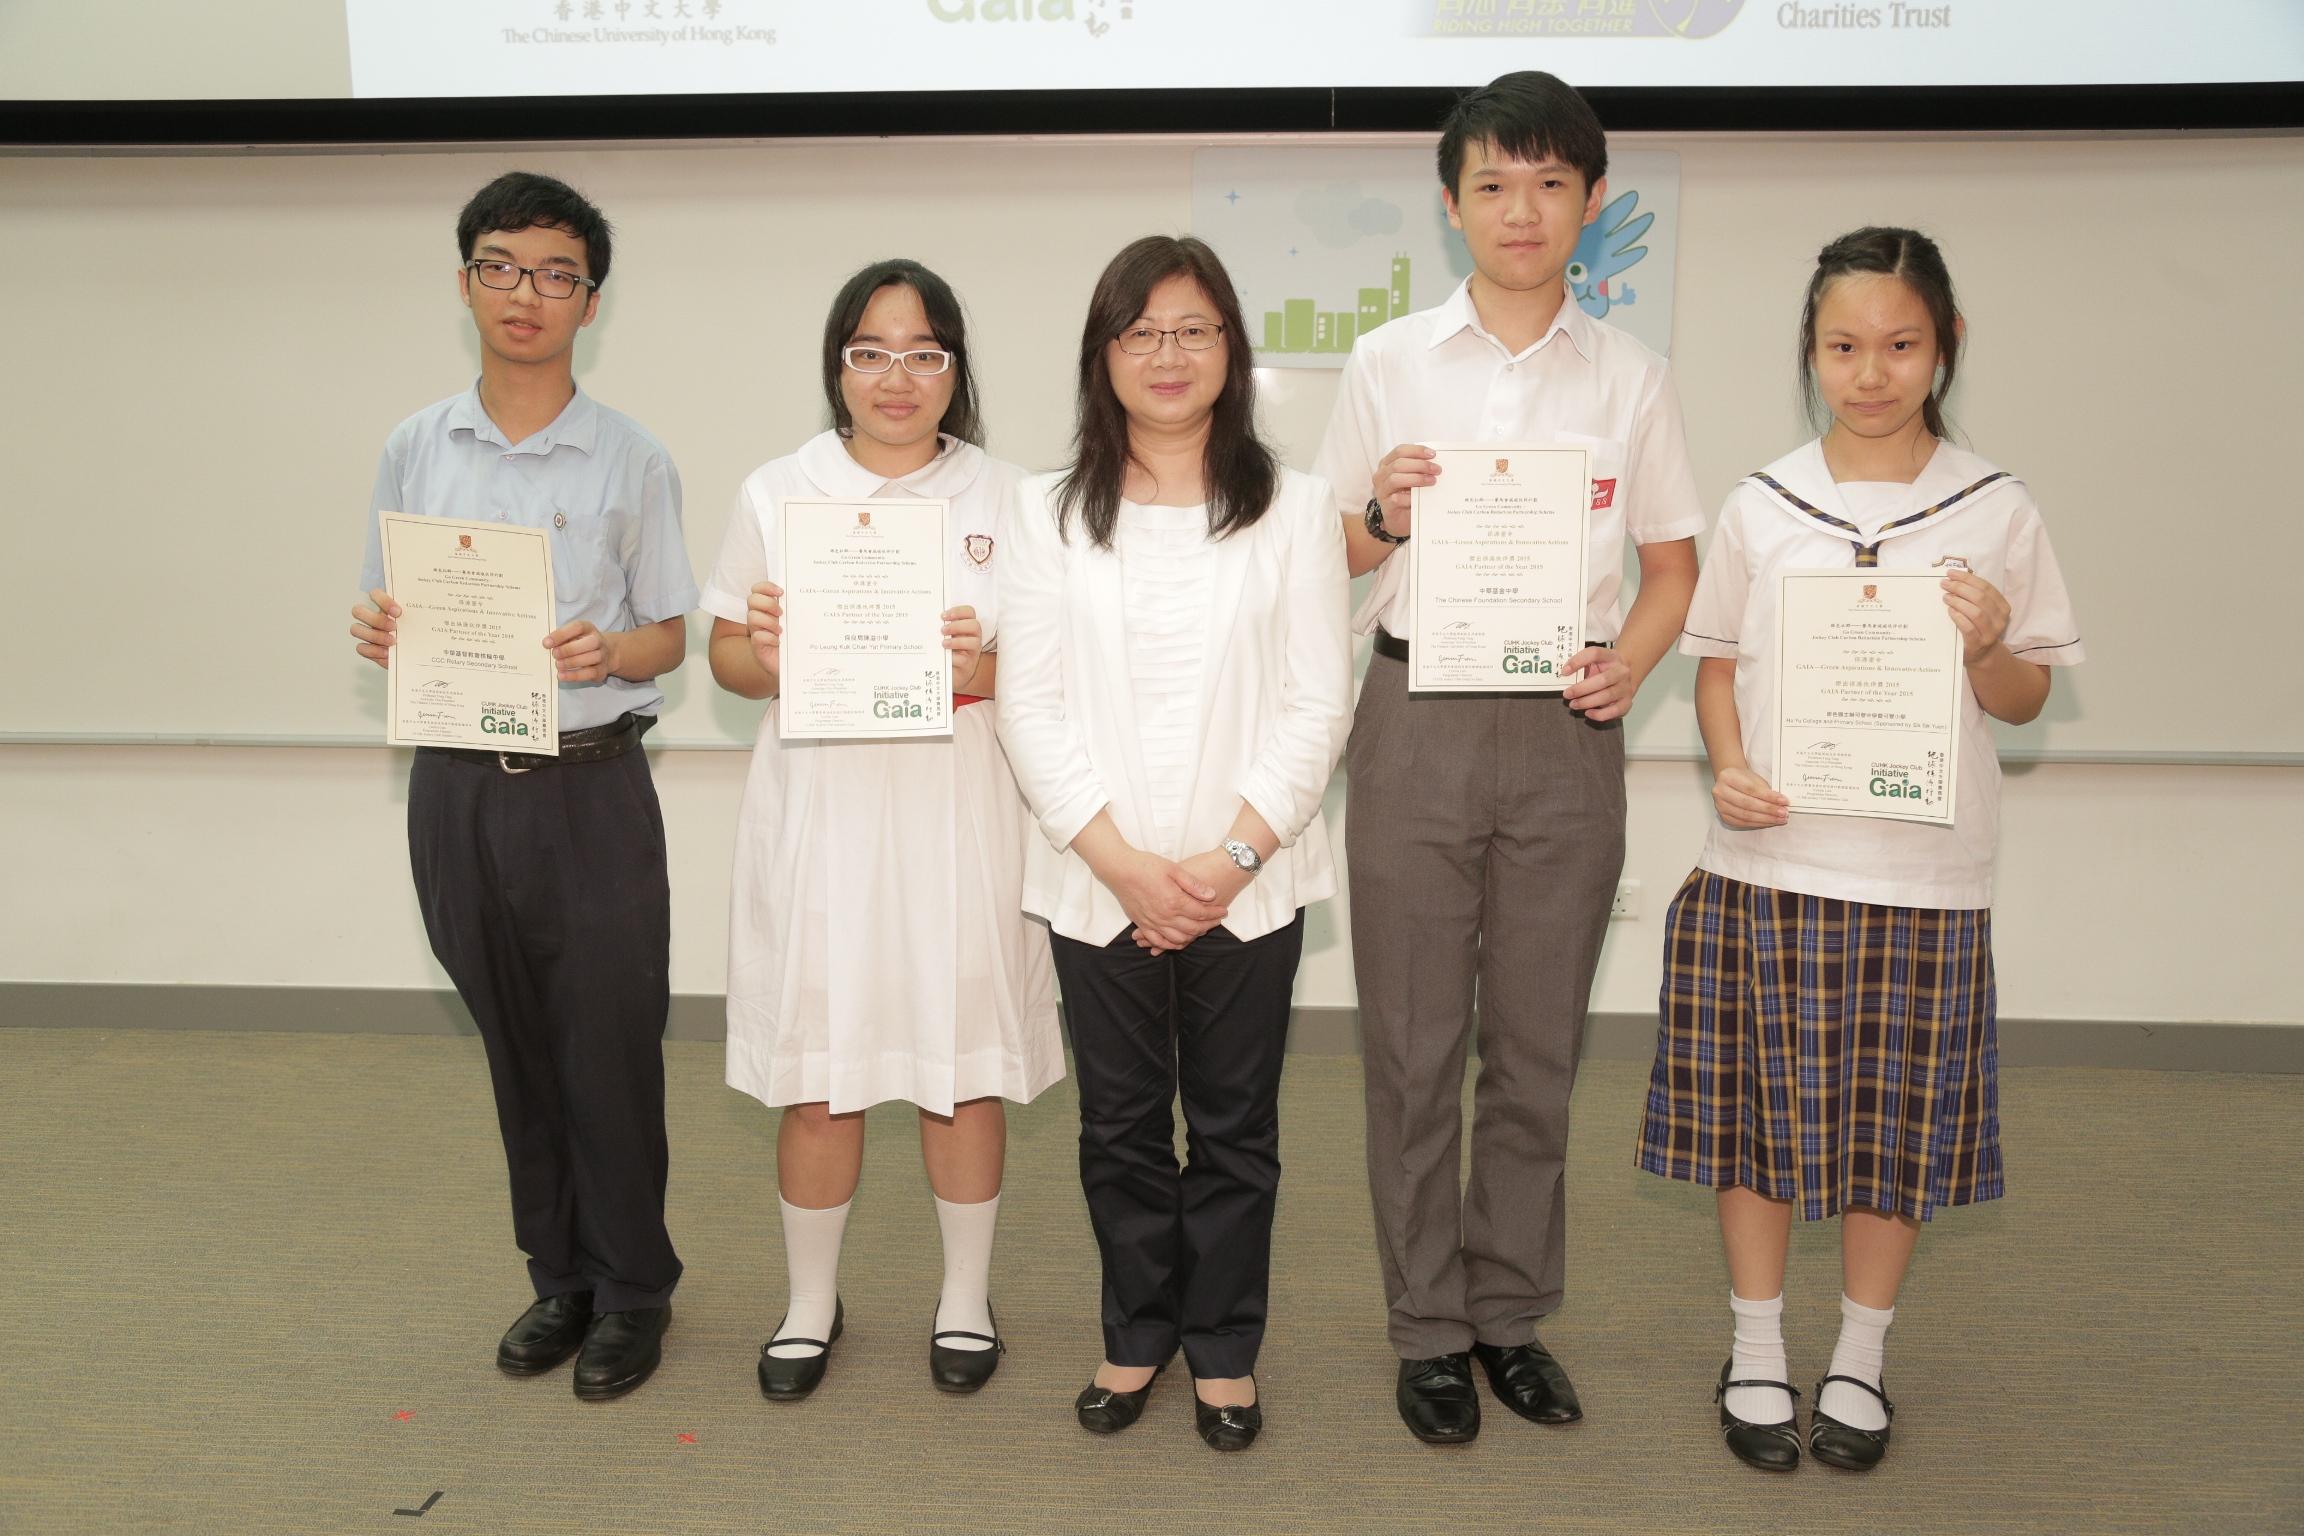 香港賽馬會慈善事務高級經理陳載英女士(中間)頒發證書予「傑出保源伙伴獎」得獎者。